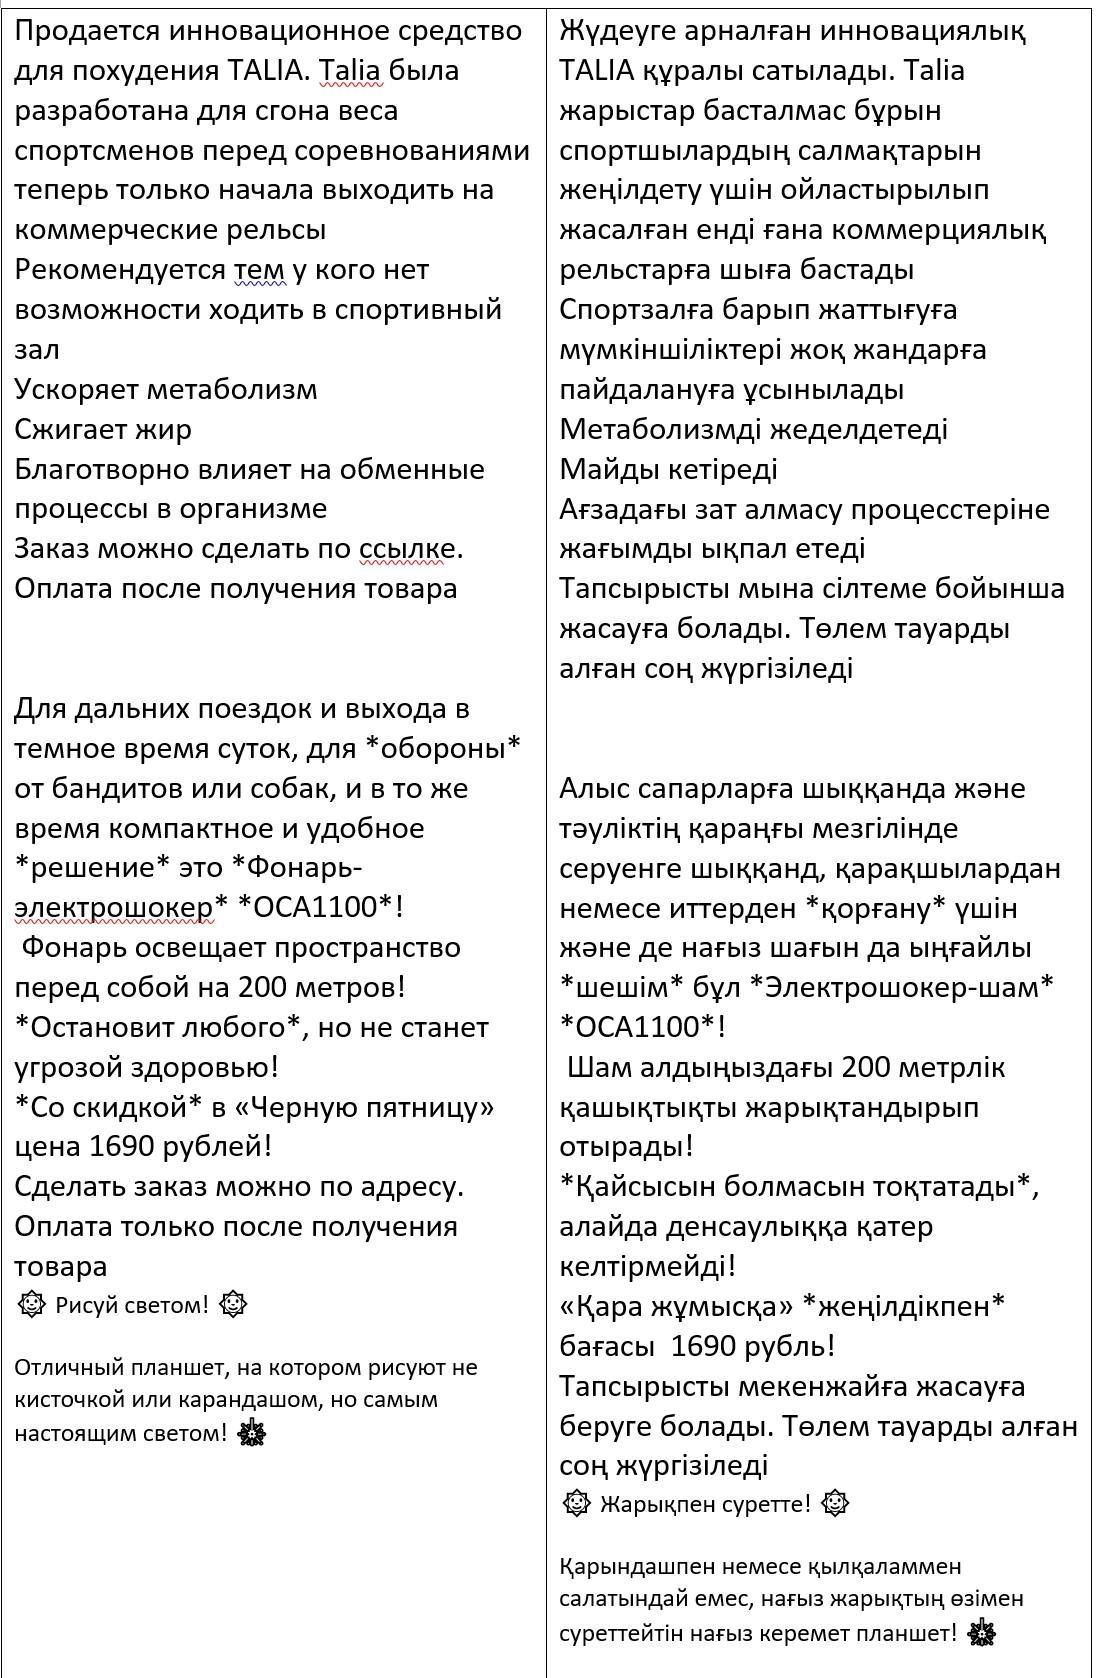 KZ-Offers.jpg